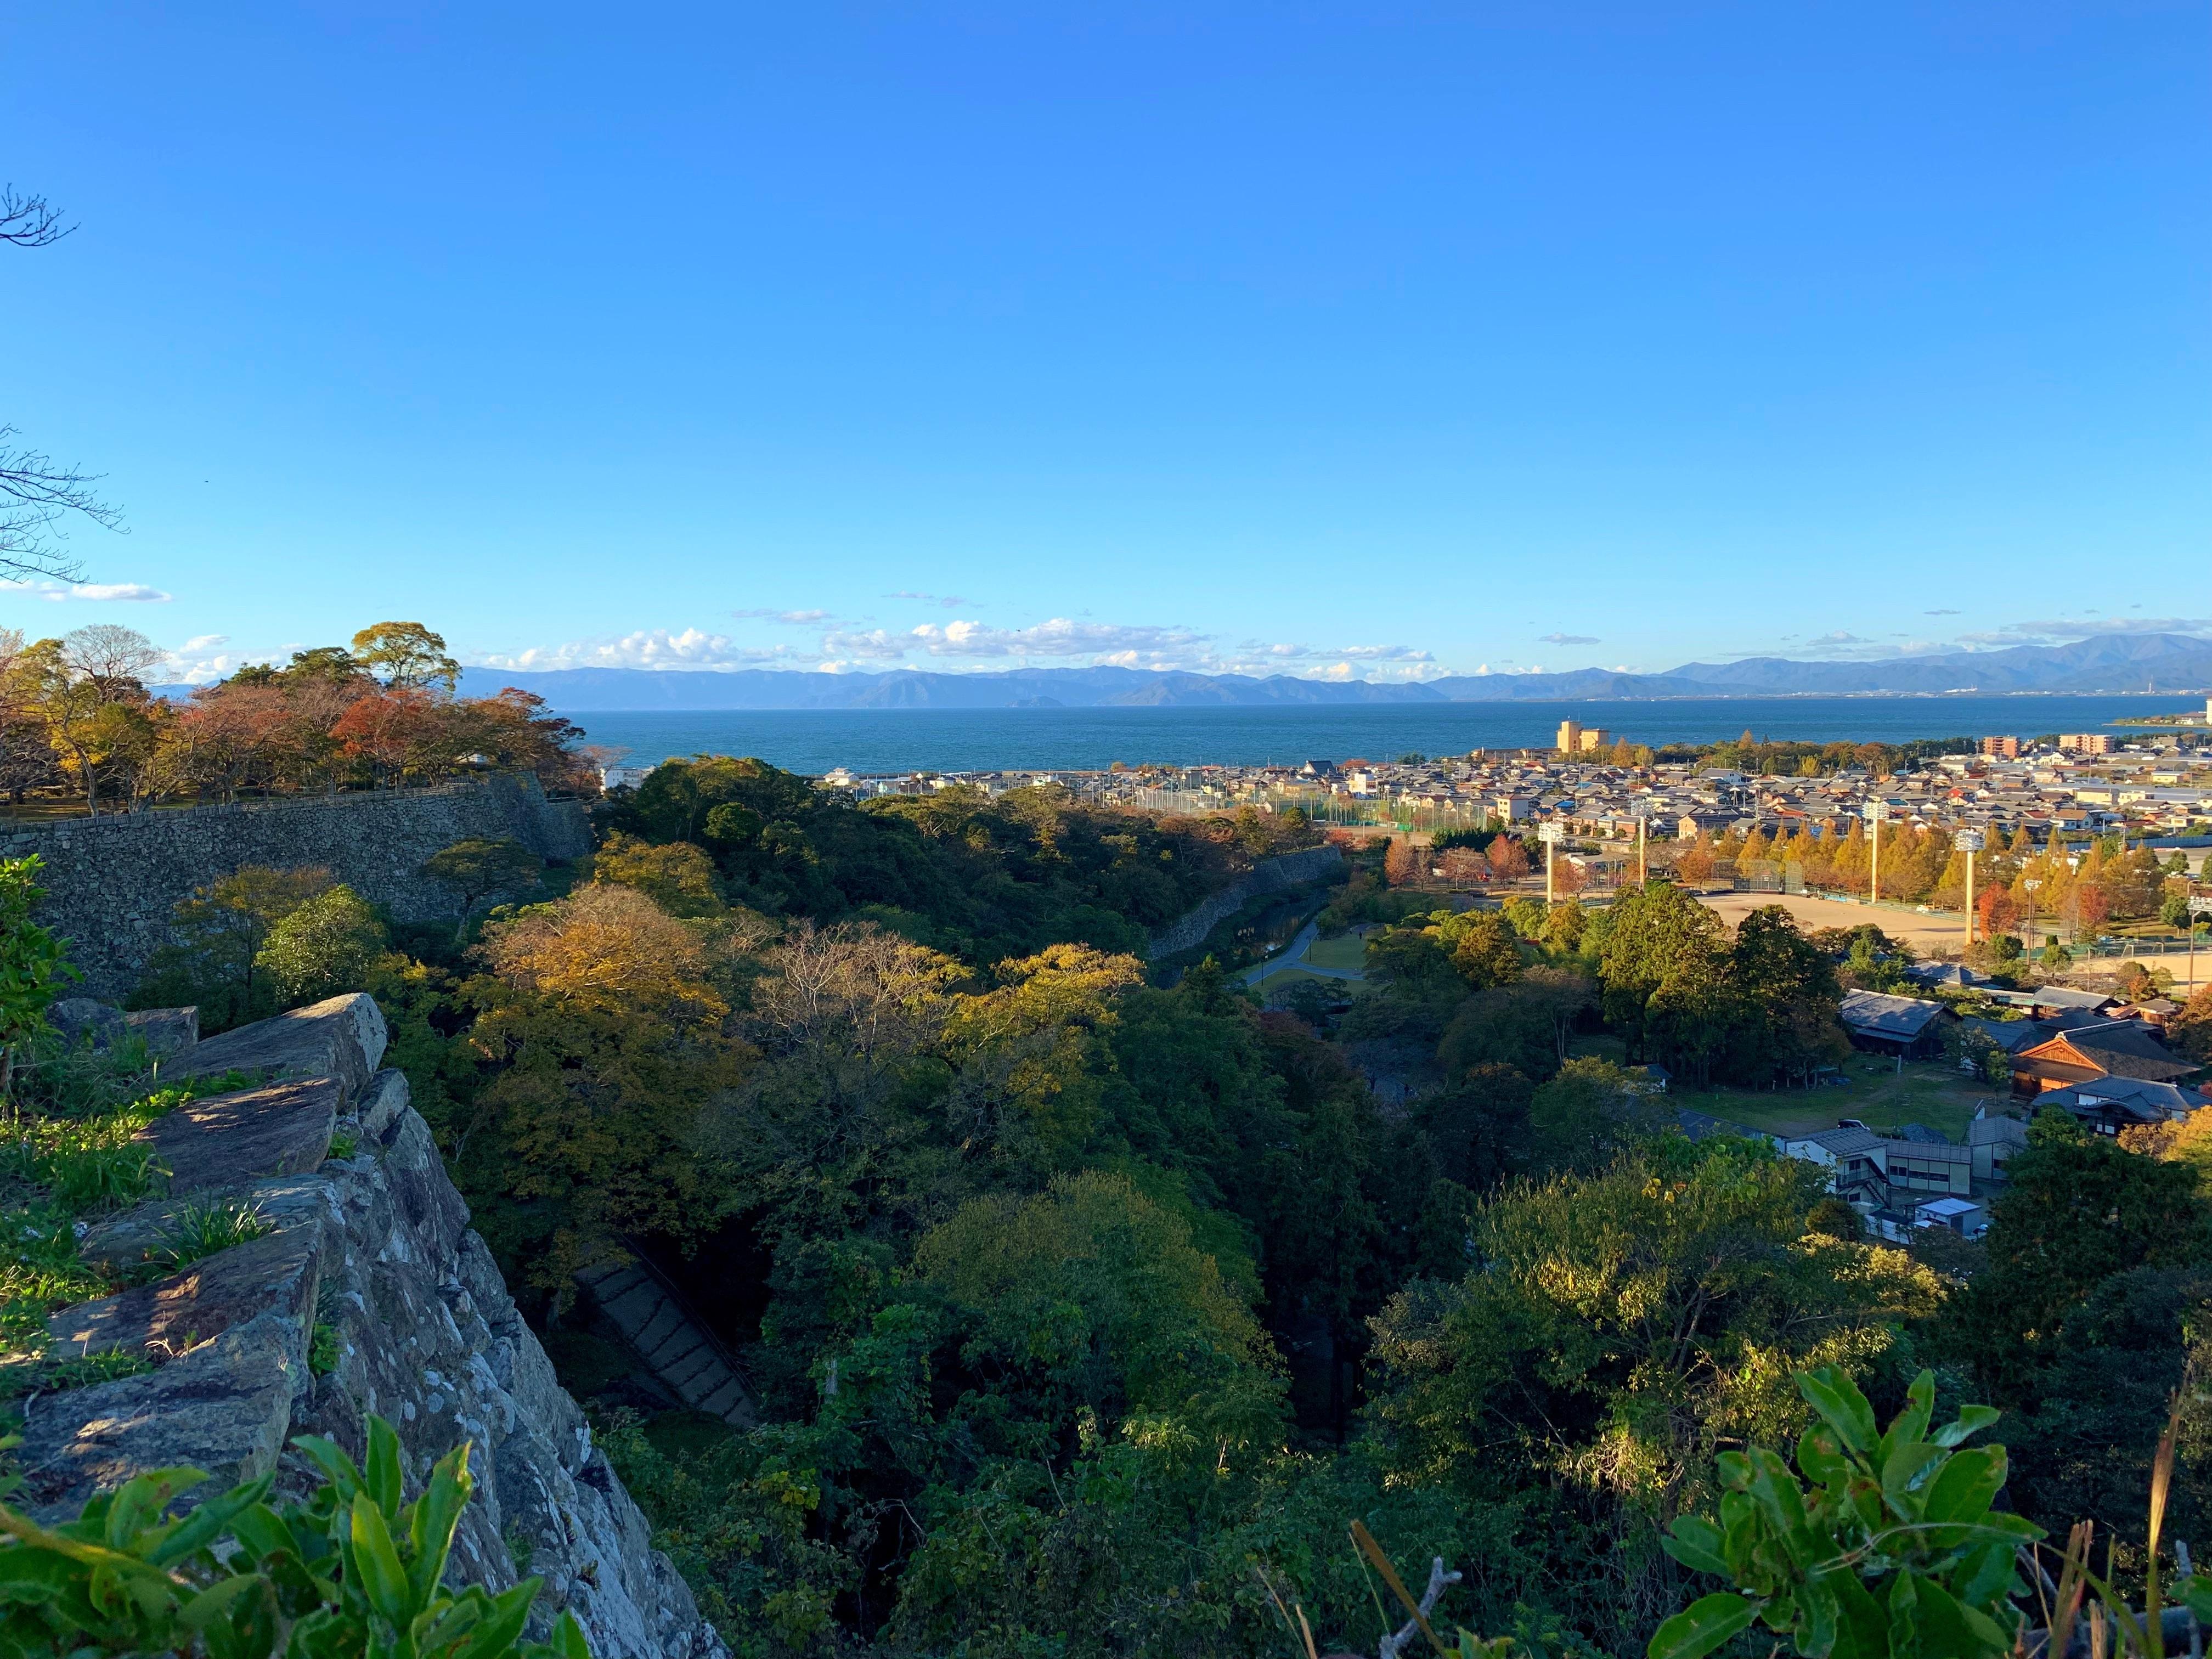 彦根城から見える景色